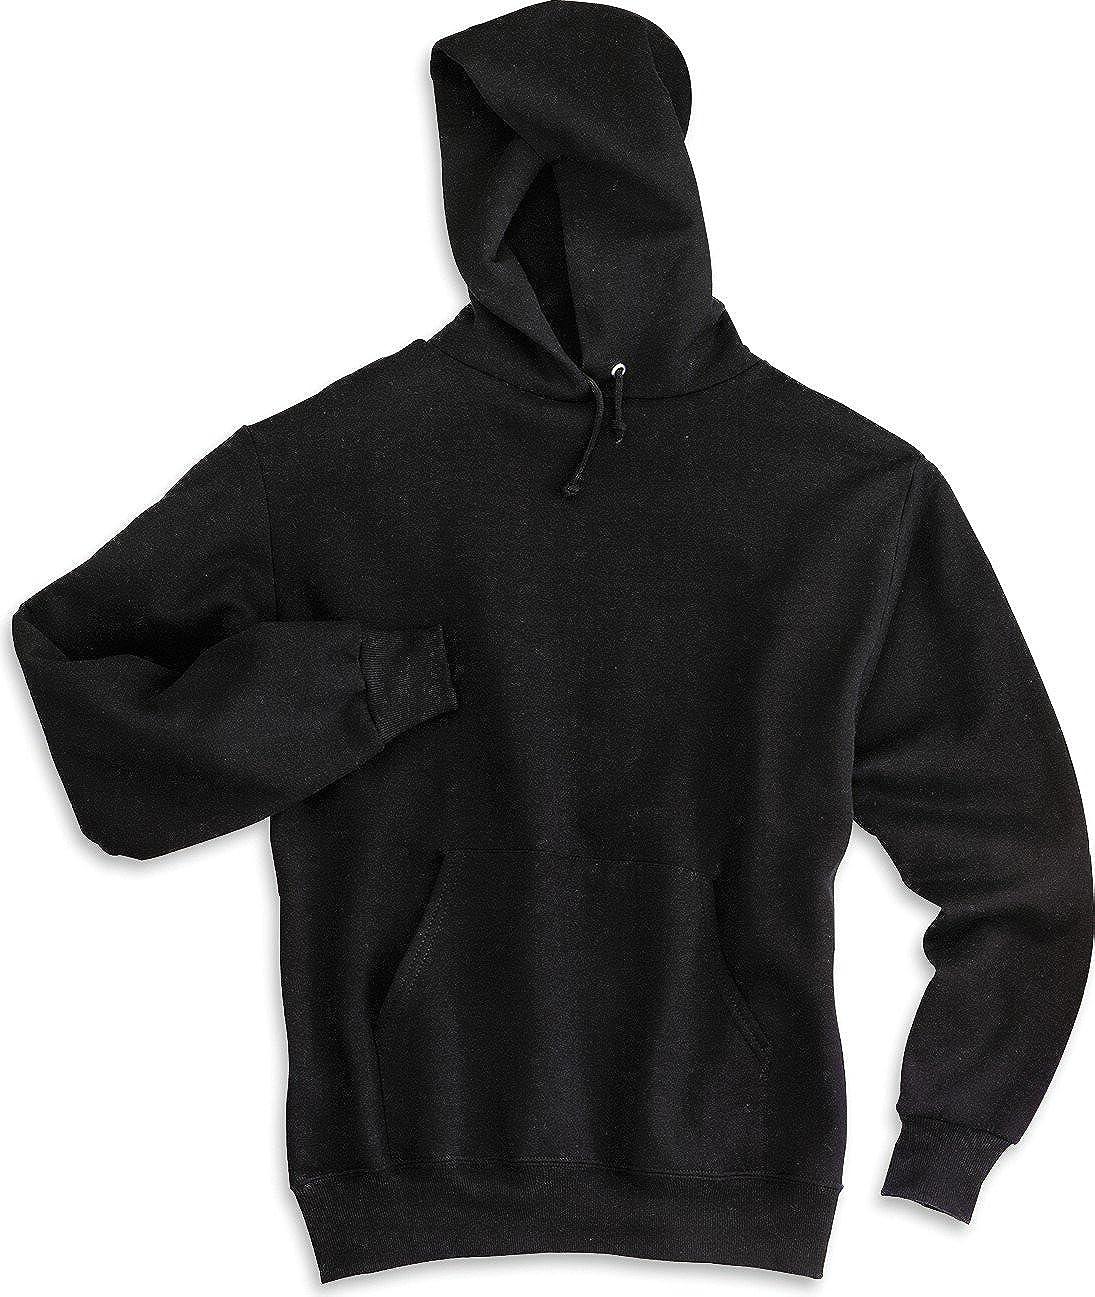 Jerzees 8 oz Black NuBlend 50//50 Pullover Hood Large